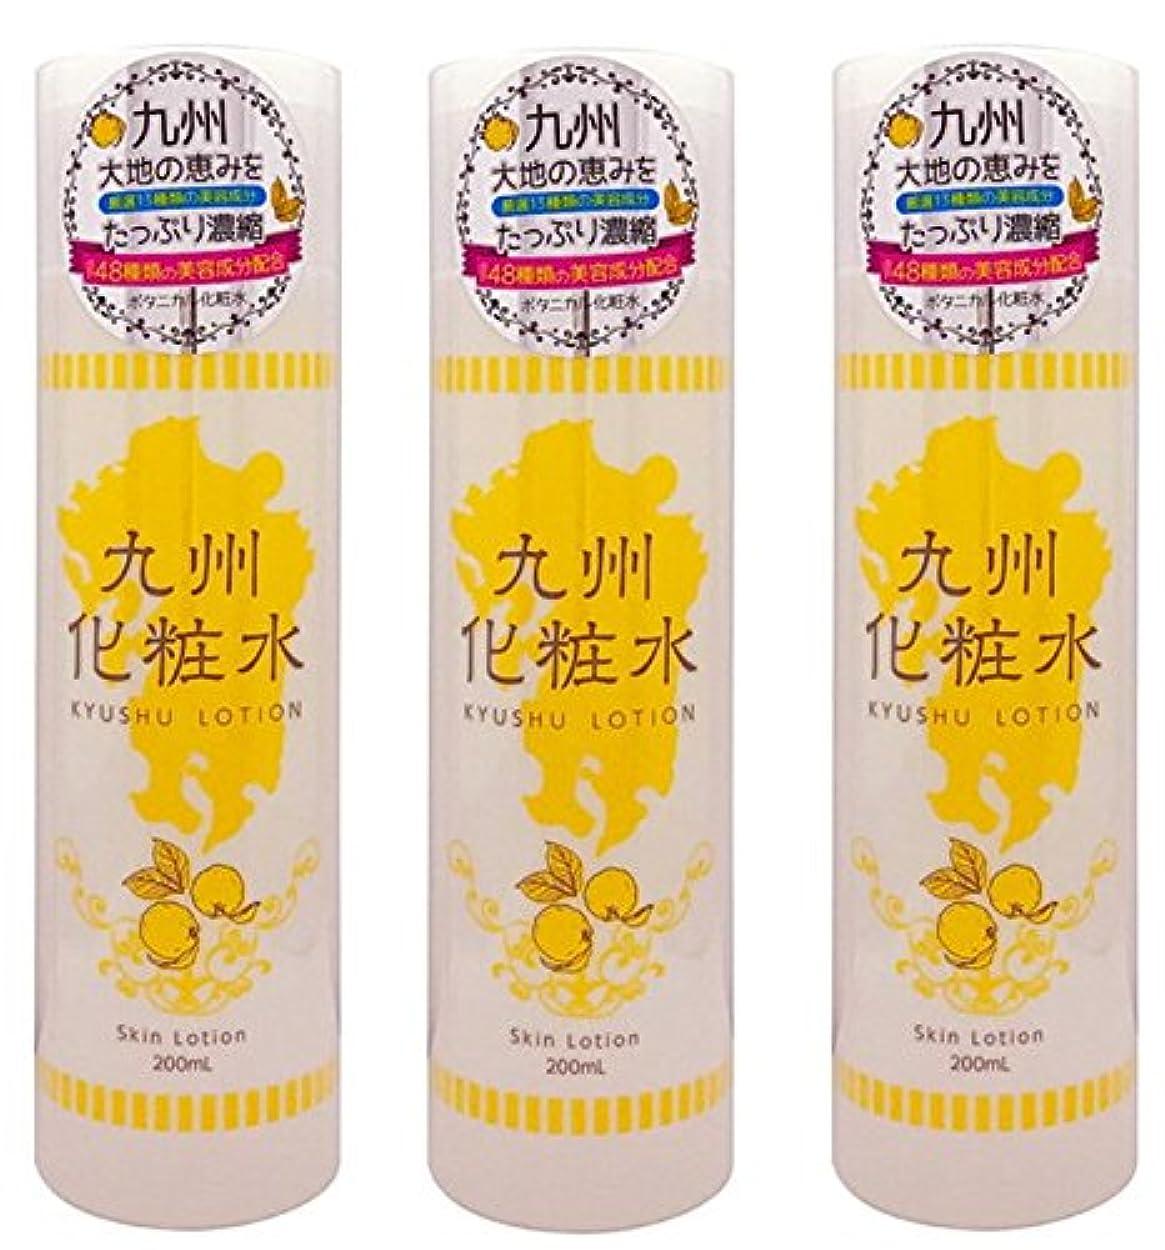 九州化粧水 200ml (ボタニカル化粧水) X 3本セット